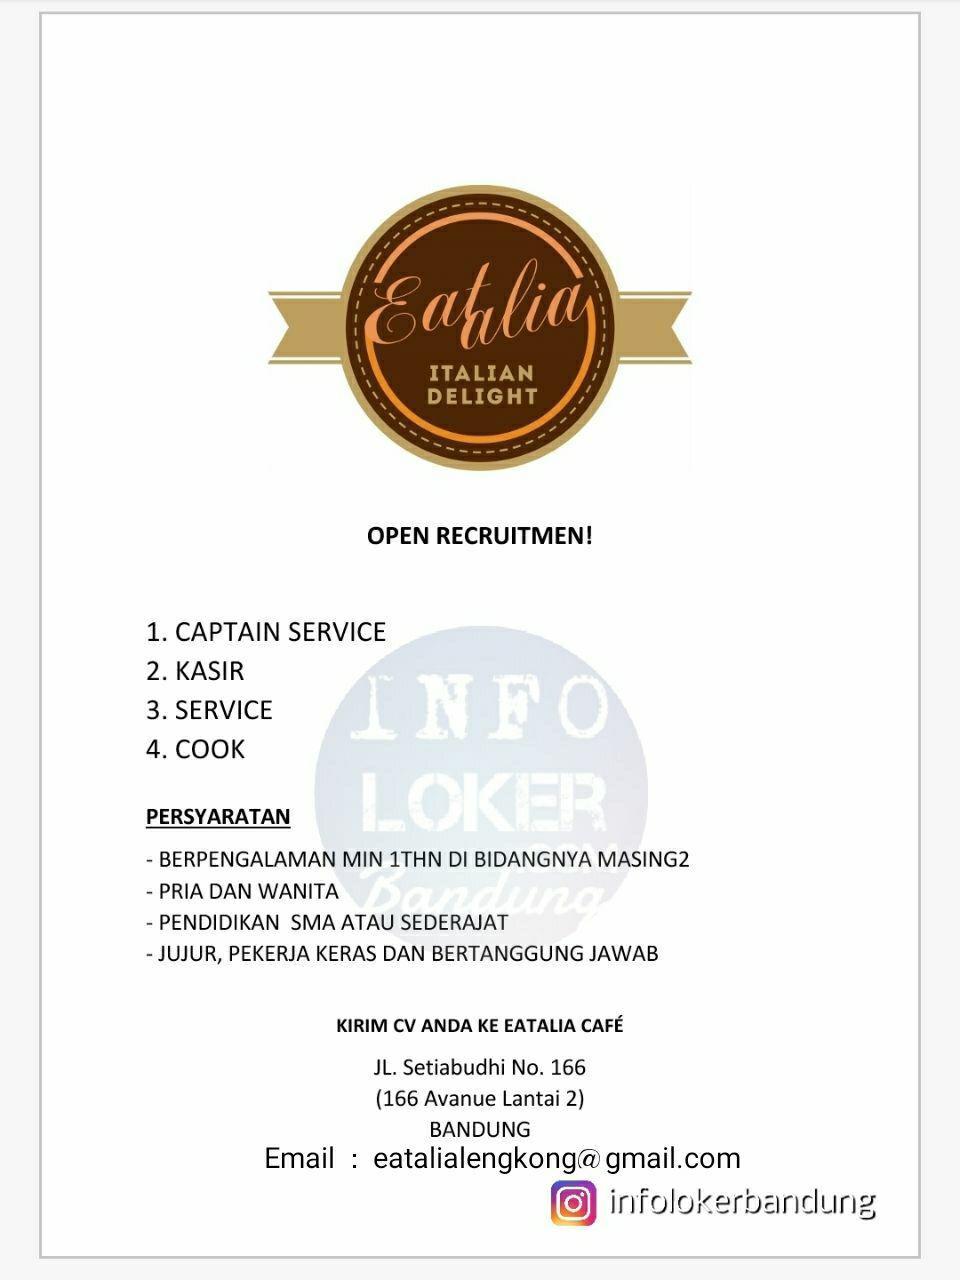 Lowongan Kerja Eatalia Cafe Setiabudhi Bandung Maret 2018